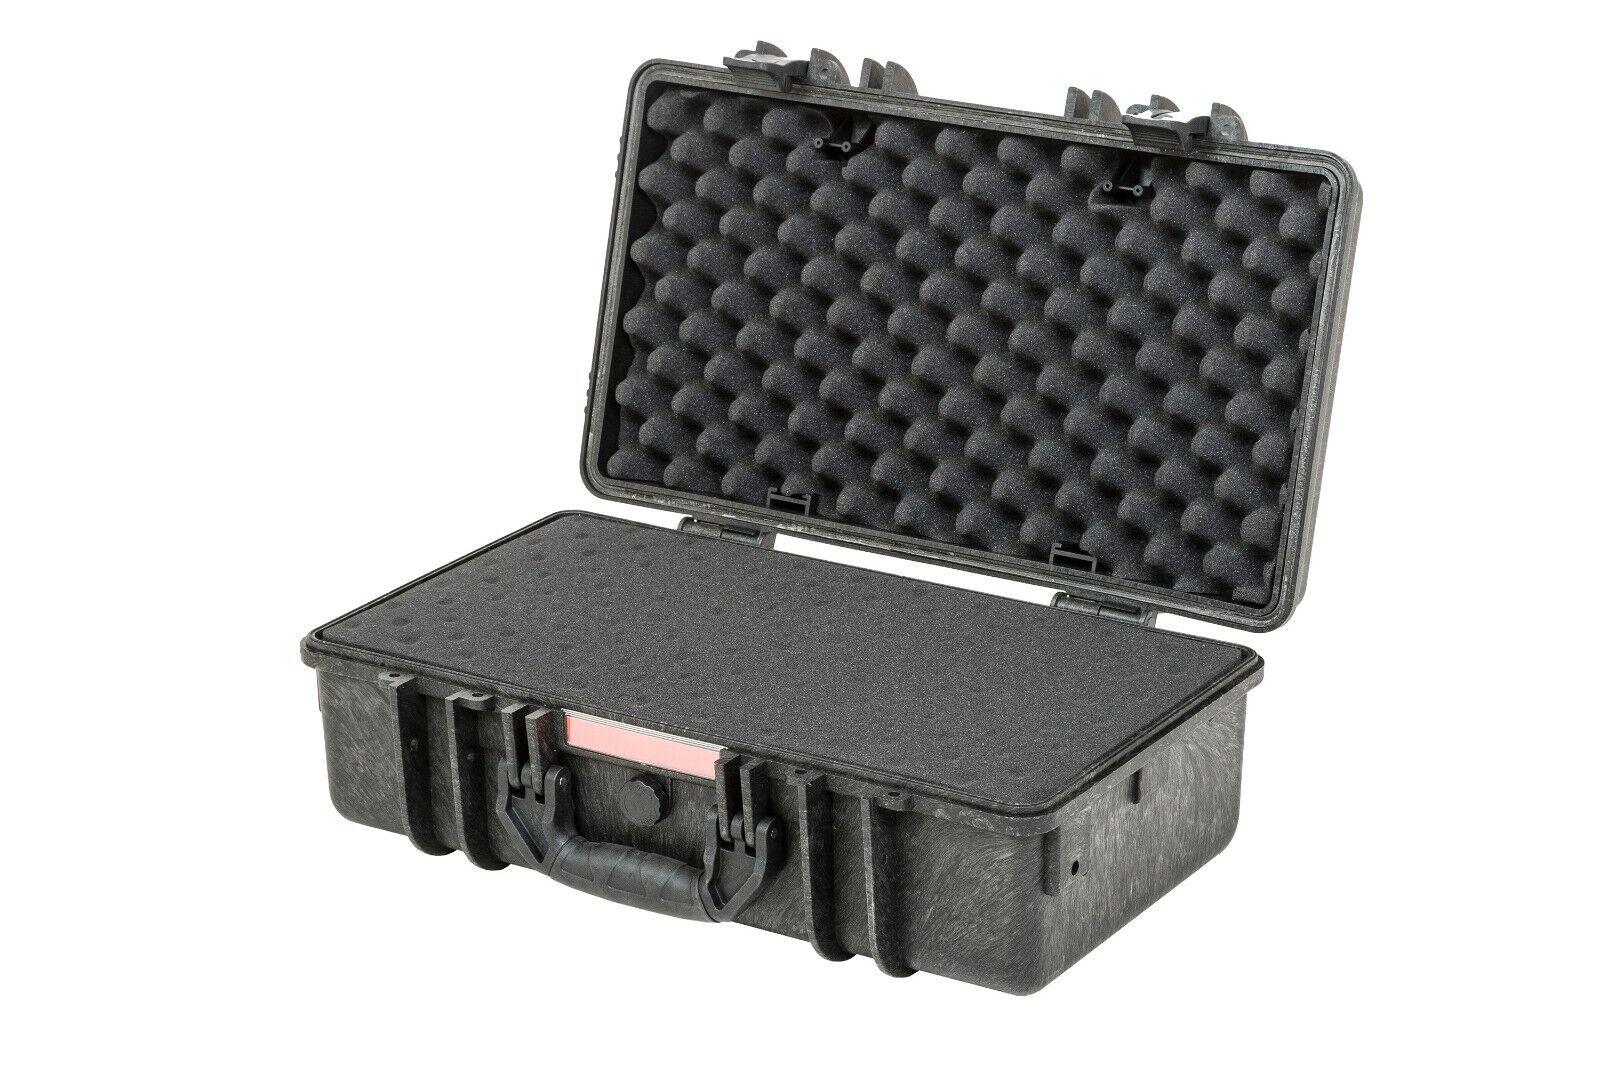 Centurion 25 - Waterproof Heavy-duty Peli Style Hard Case with Foam 52x27x16cm